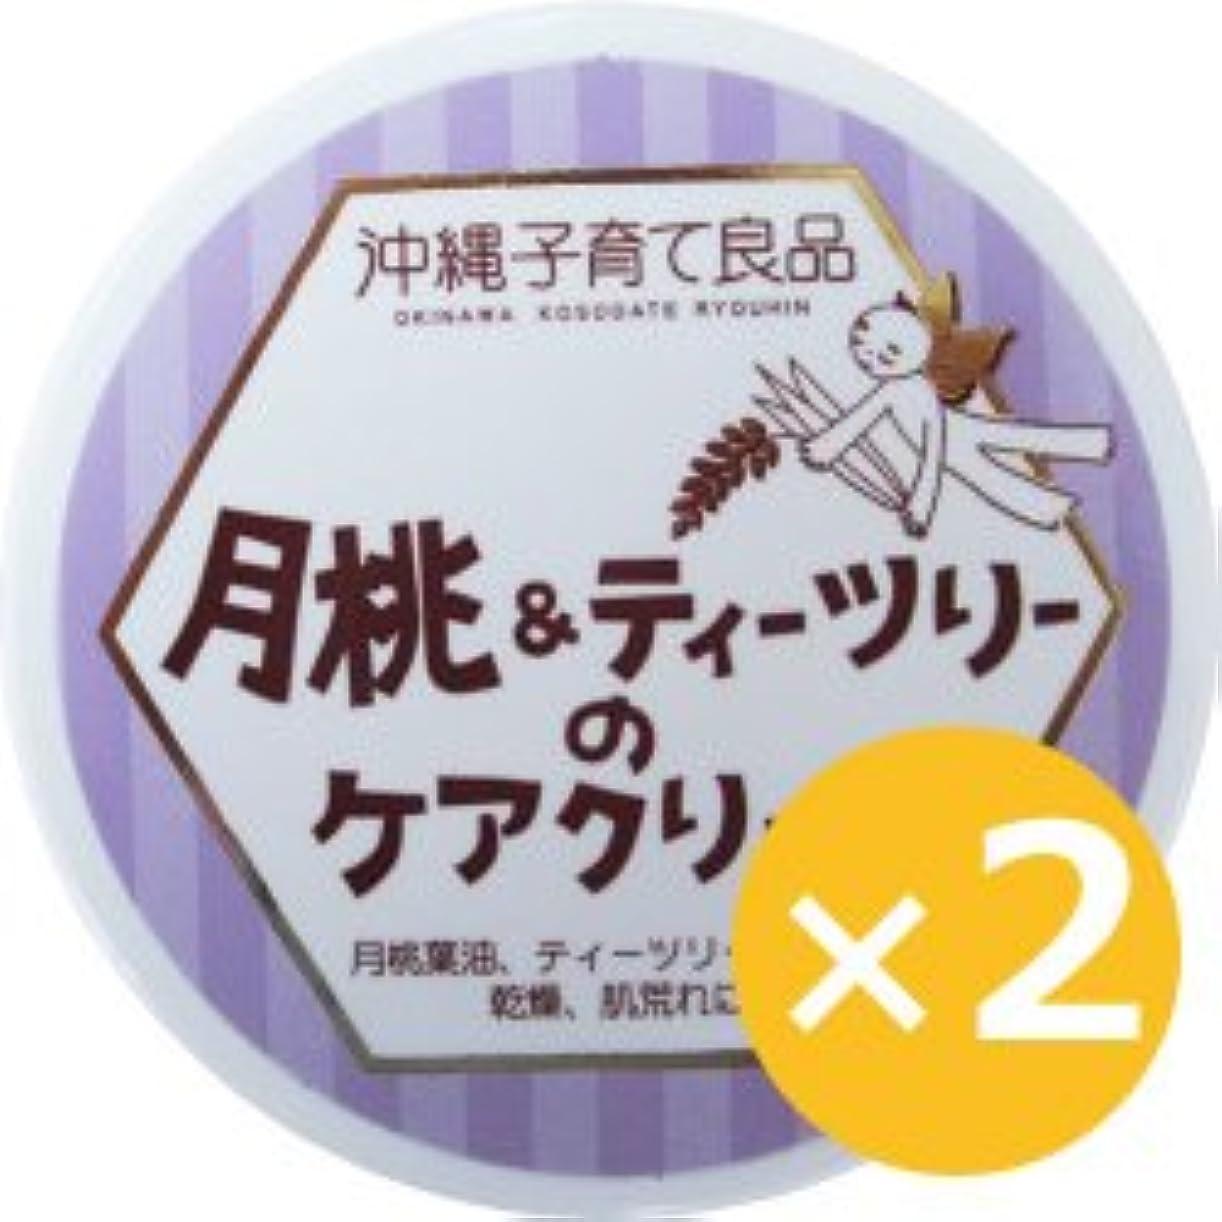 最初主観的アコード月桃&ティーツリークリーム 25g×2